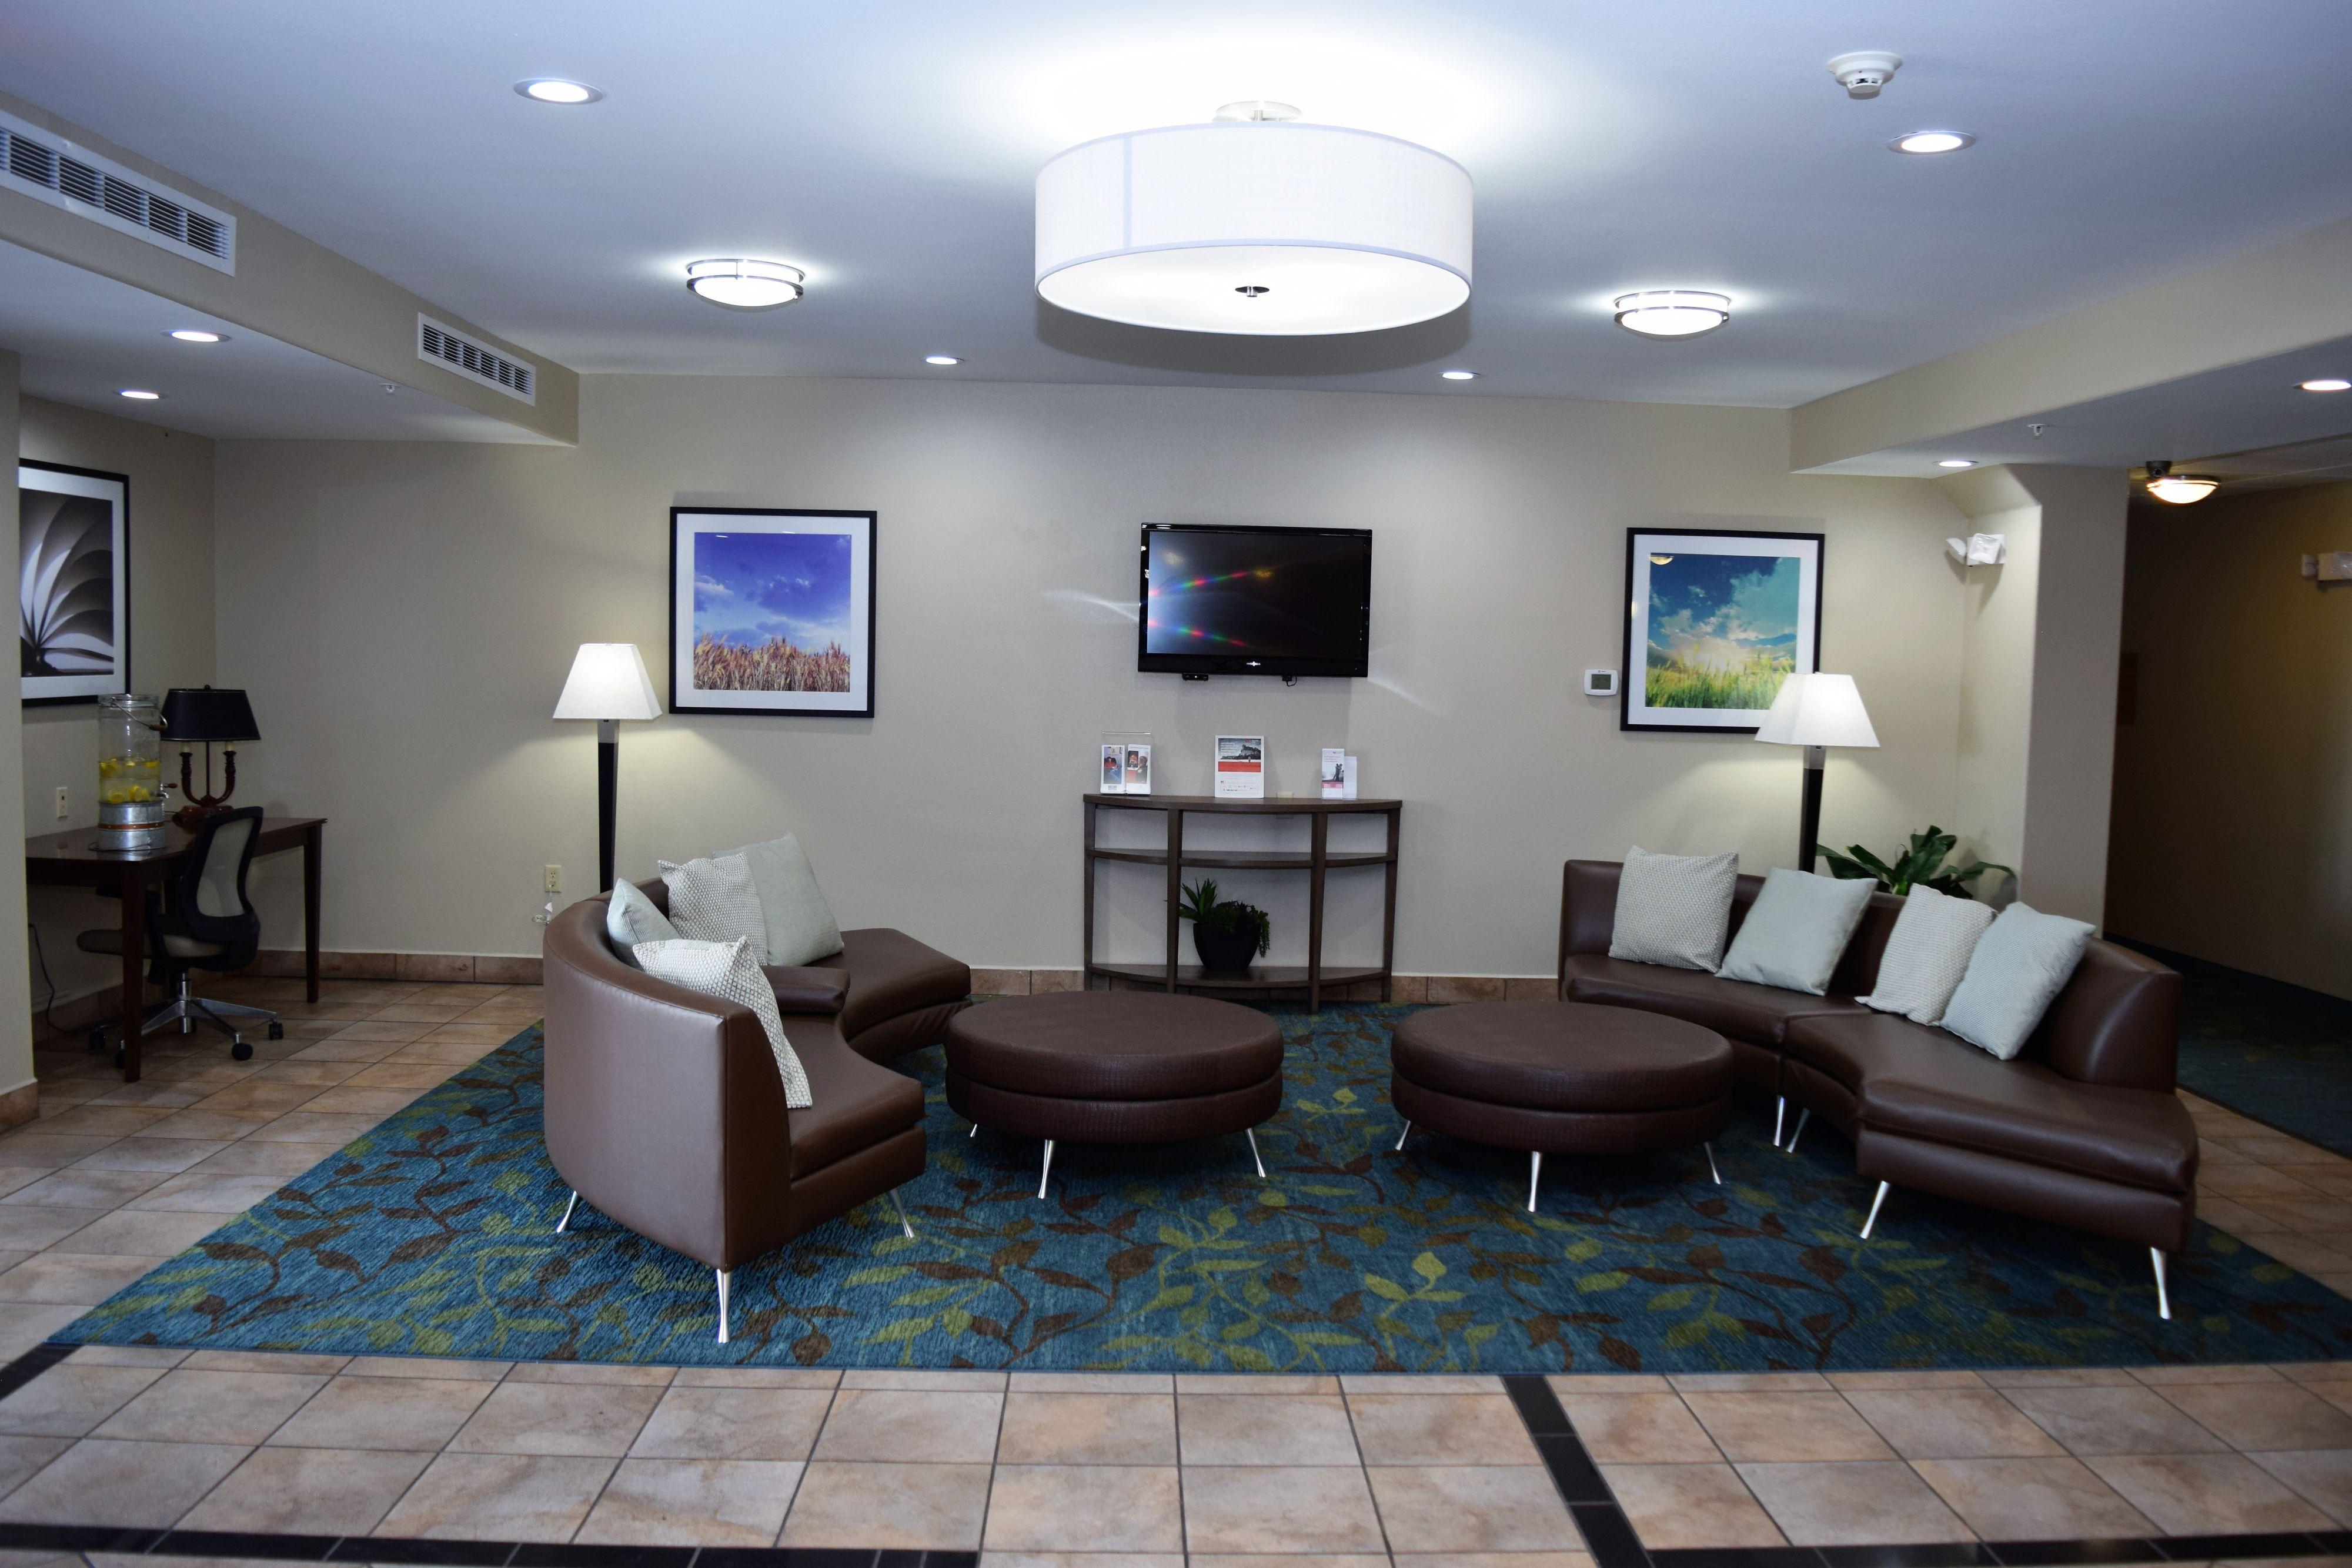 Candlewood Suites Abilene image 1